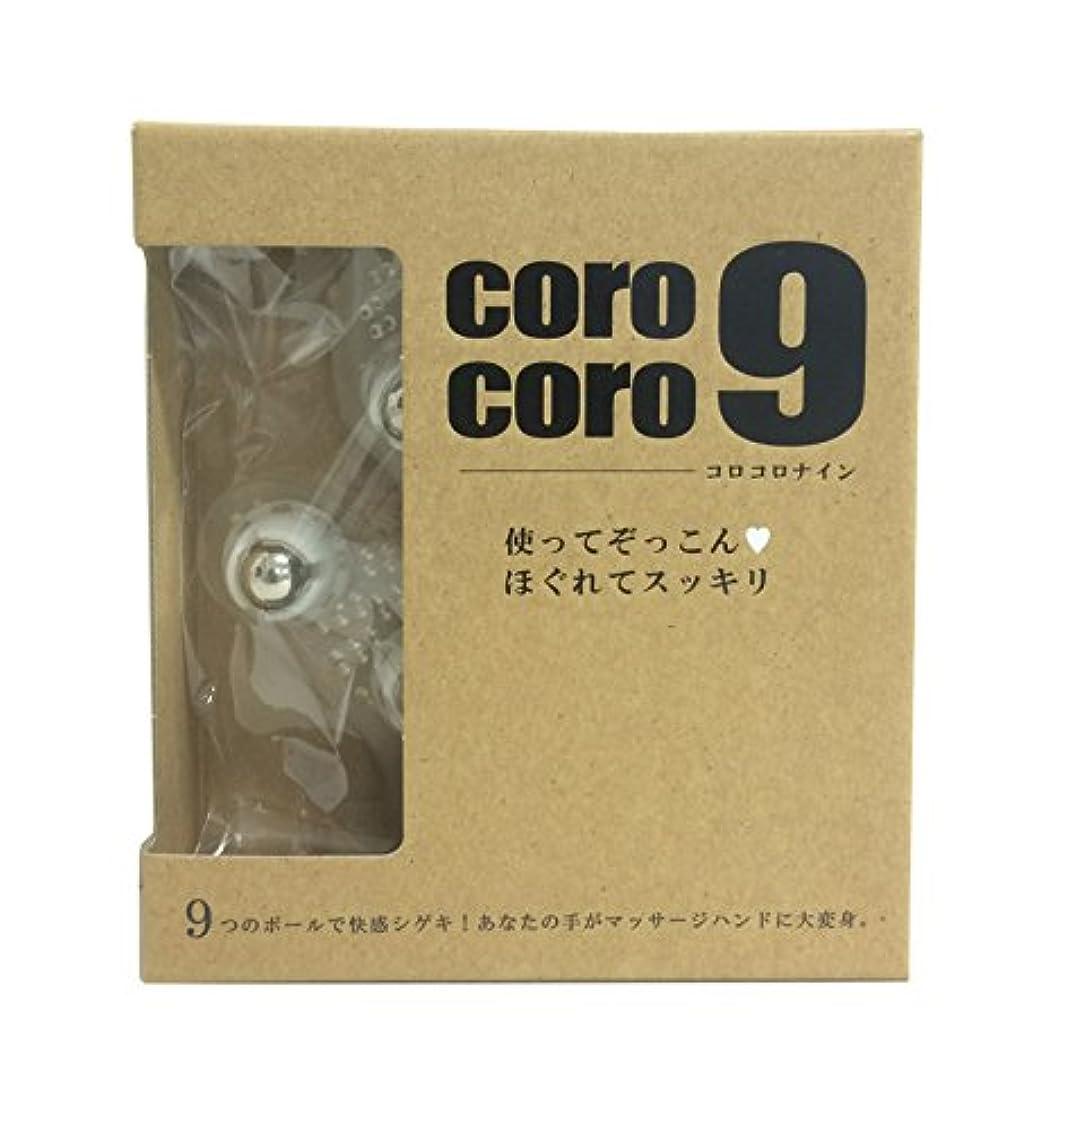 粒テーマ湿地Reシリーズ CoroCoro9 クリア